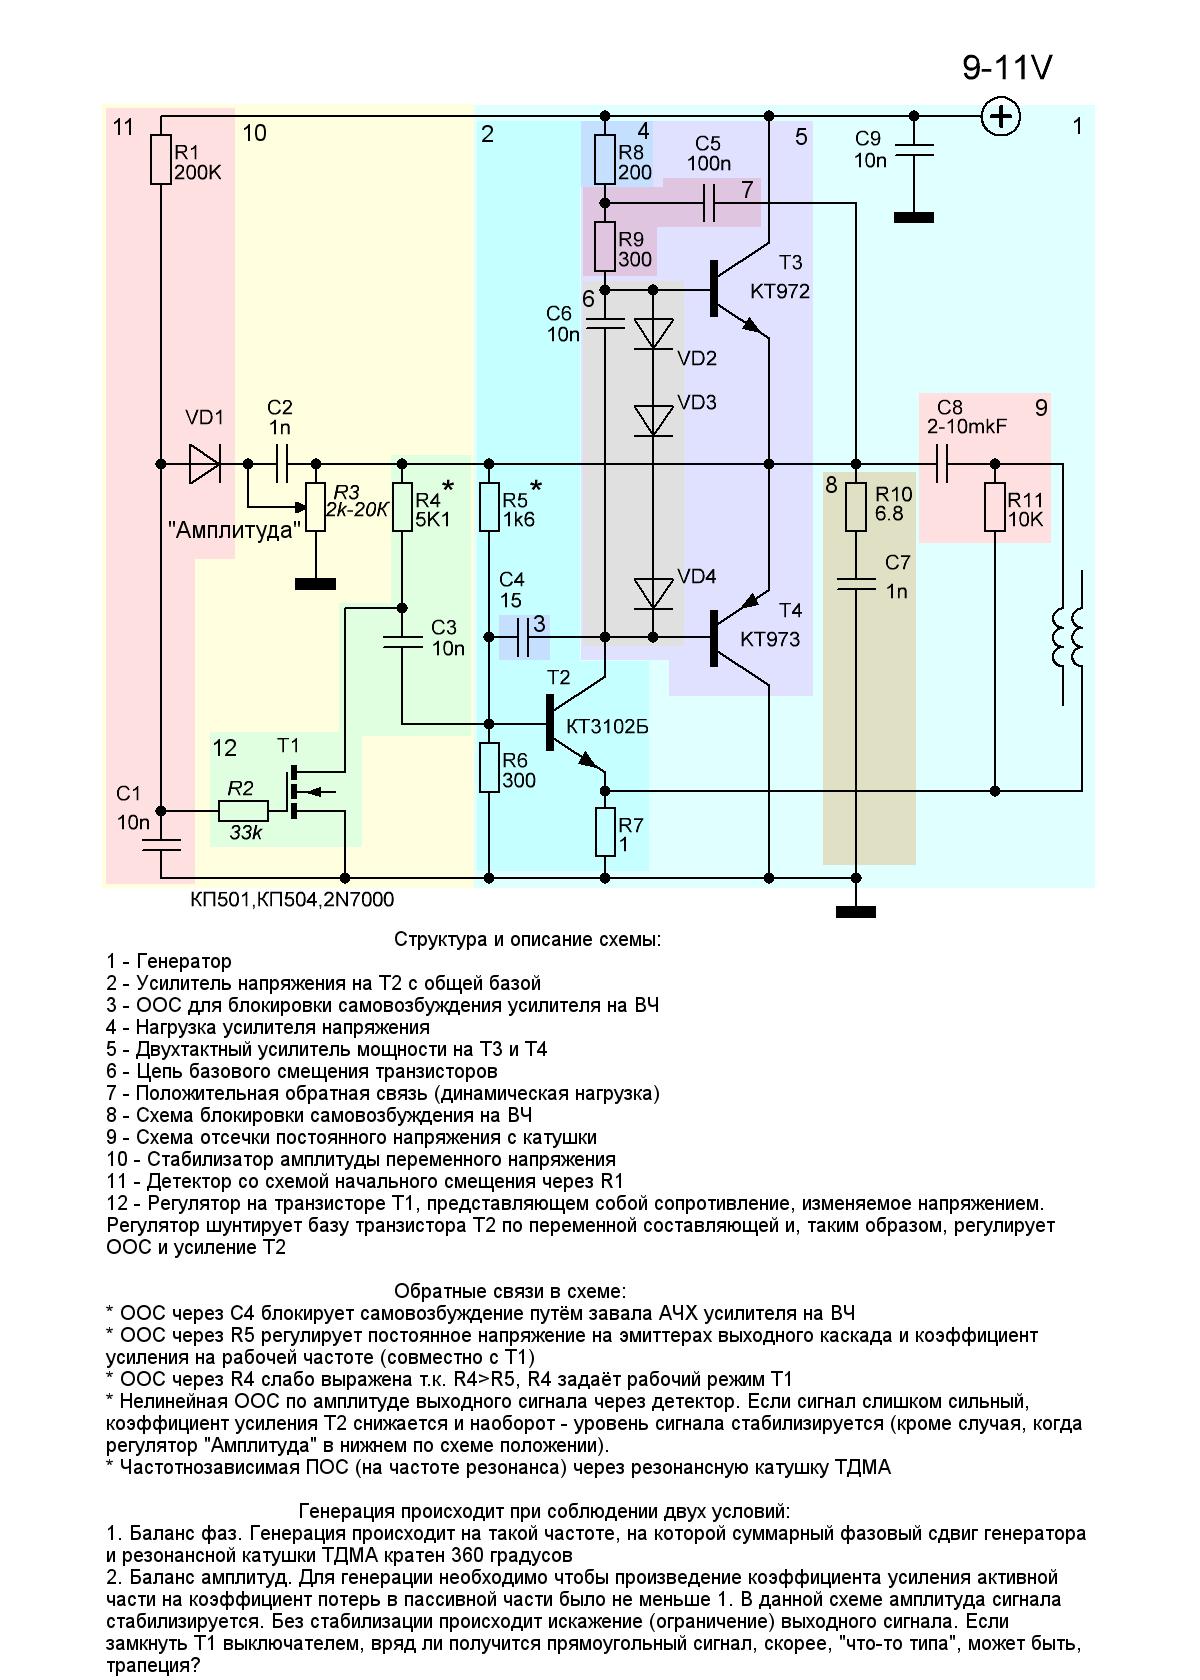 ЛЕЧЕБНЫЙ ДИСК ген 3.4 причёсанный с описанием